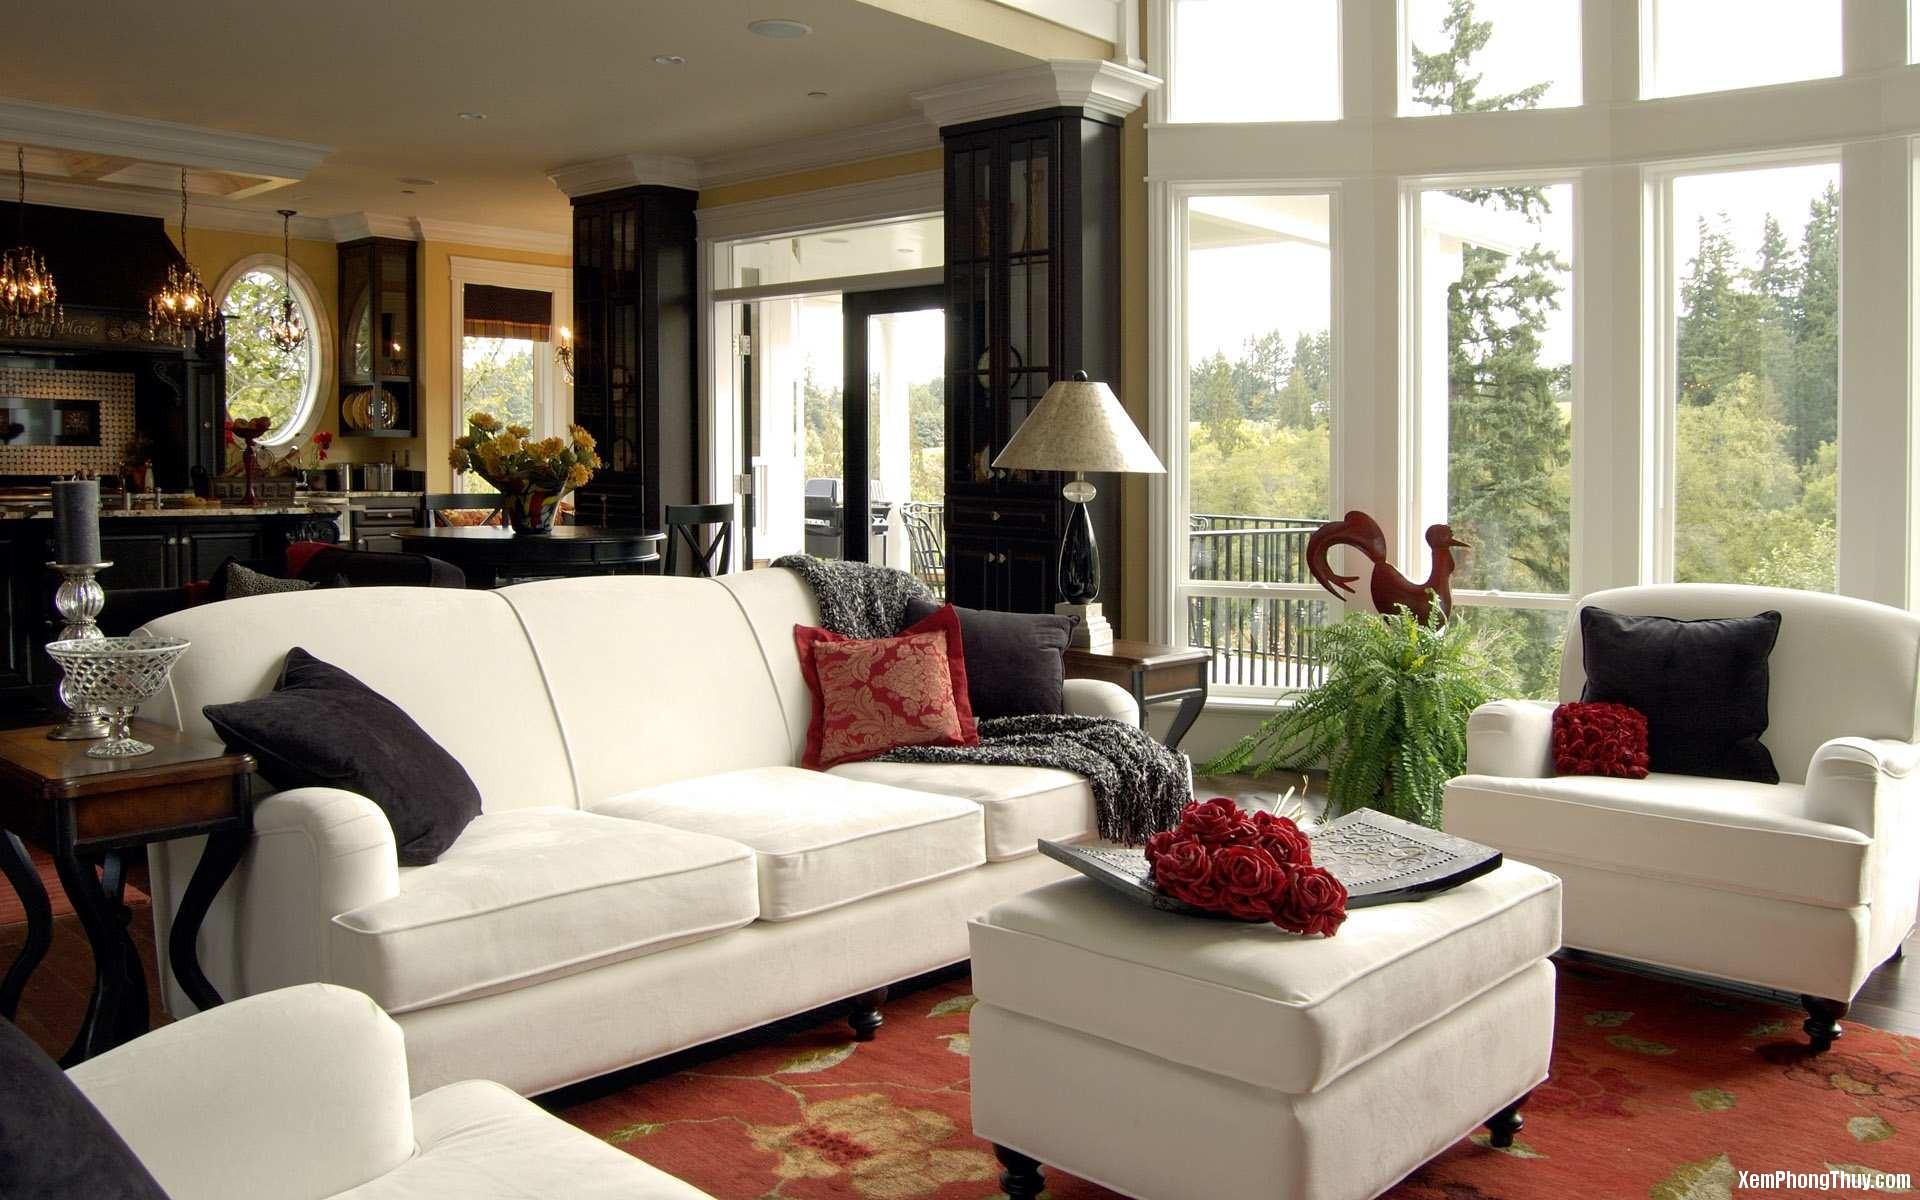 bai tri sofa hop phong thuy 3 Cách bố trí ghế sofa mang lại thịnh vượng